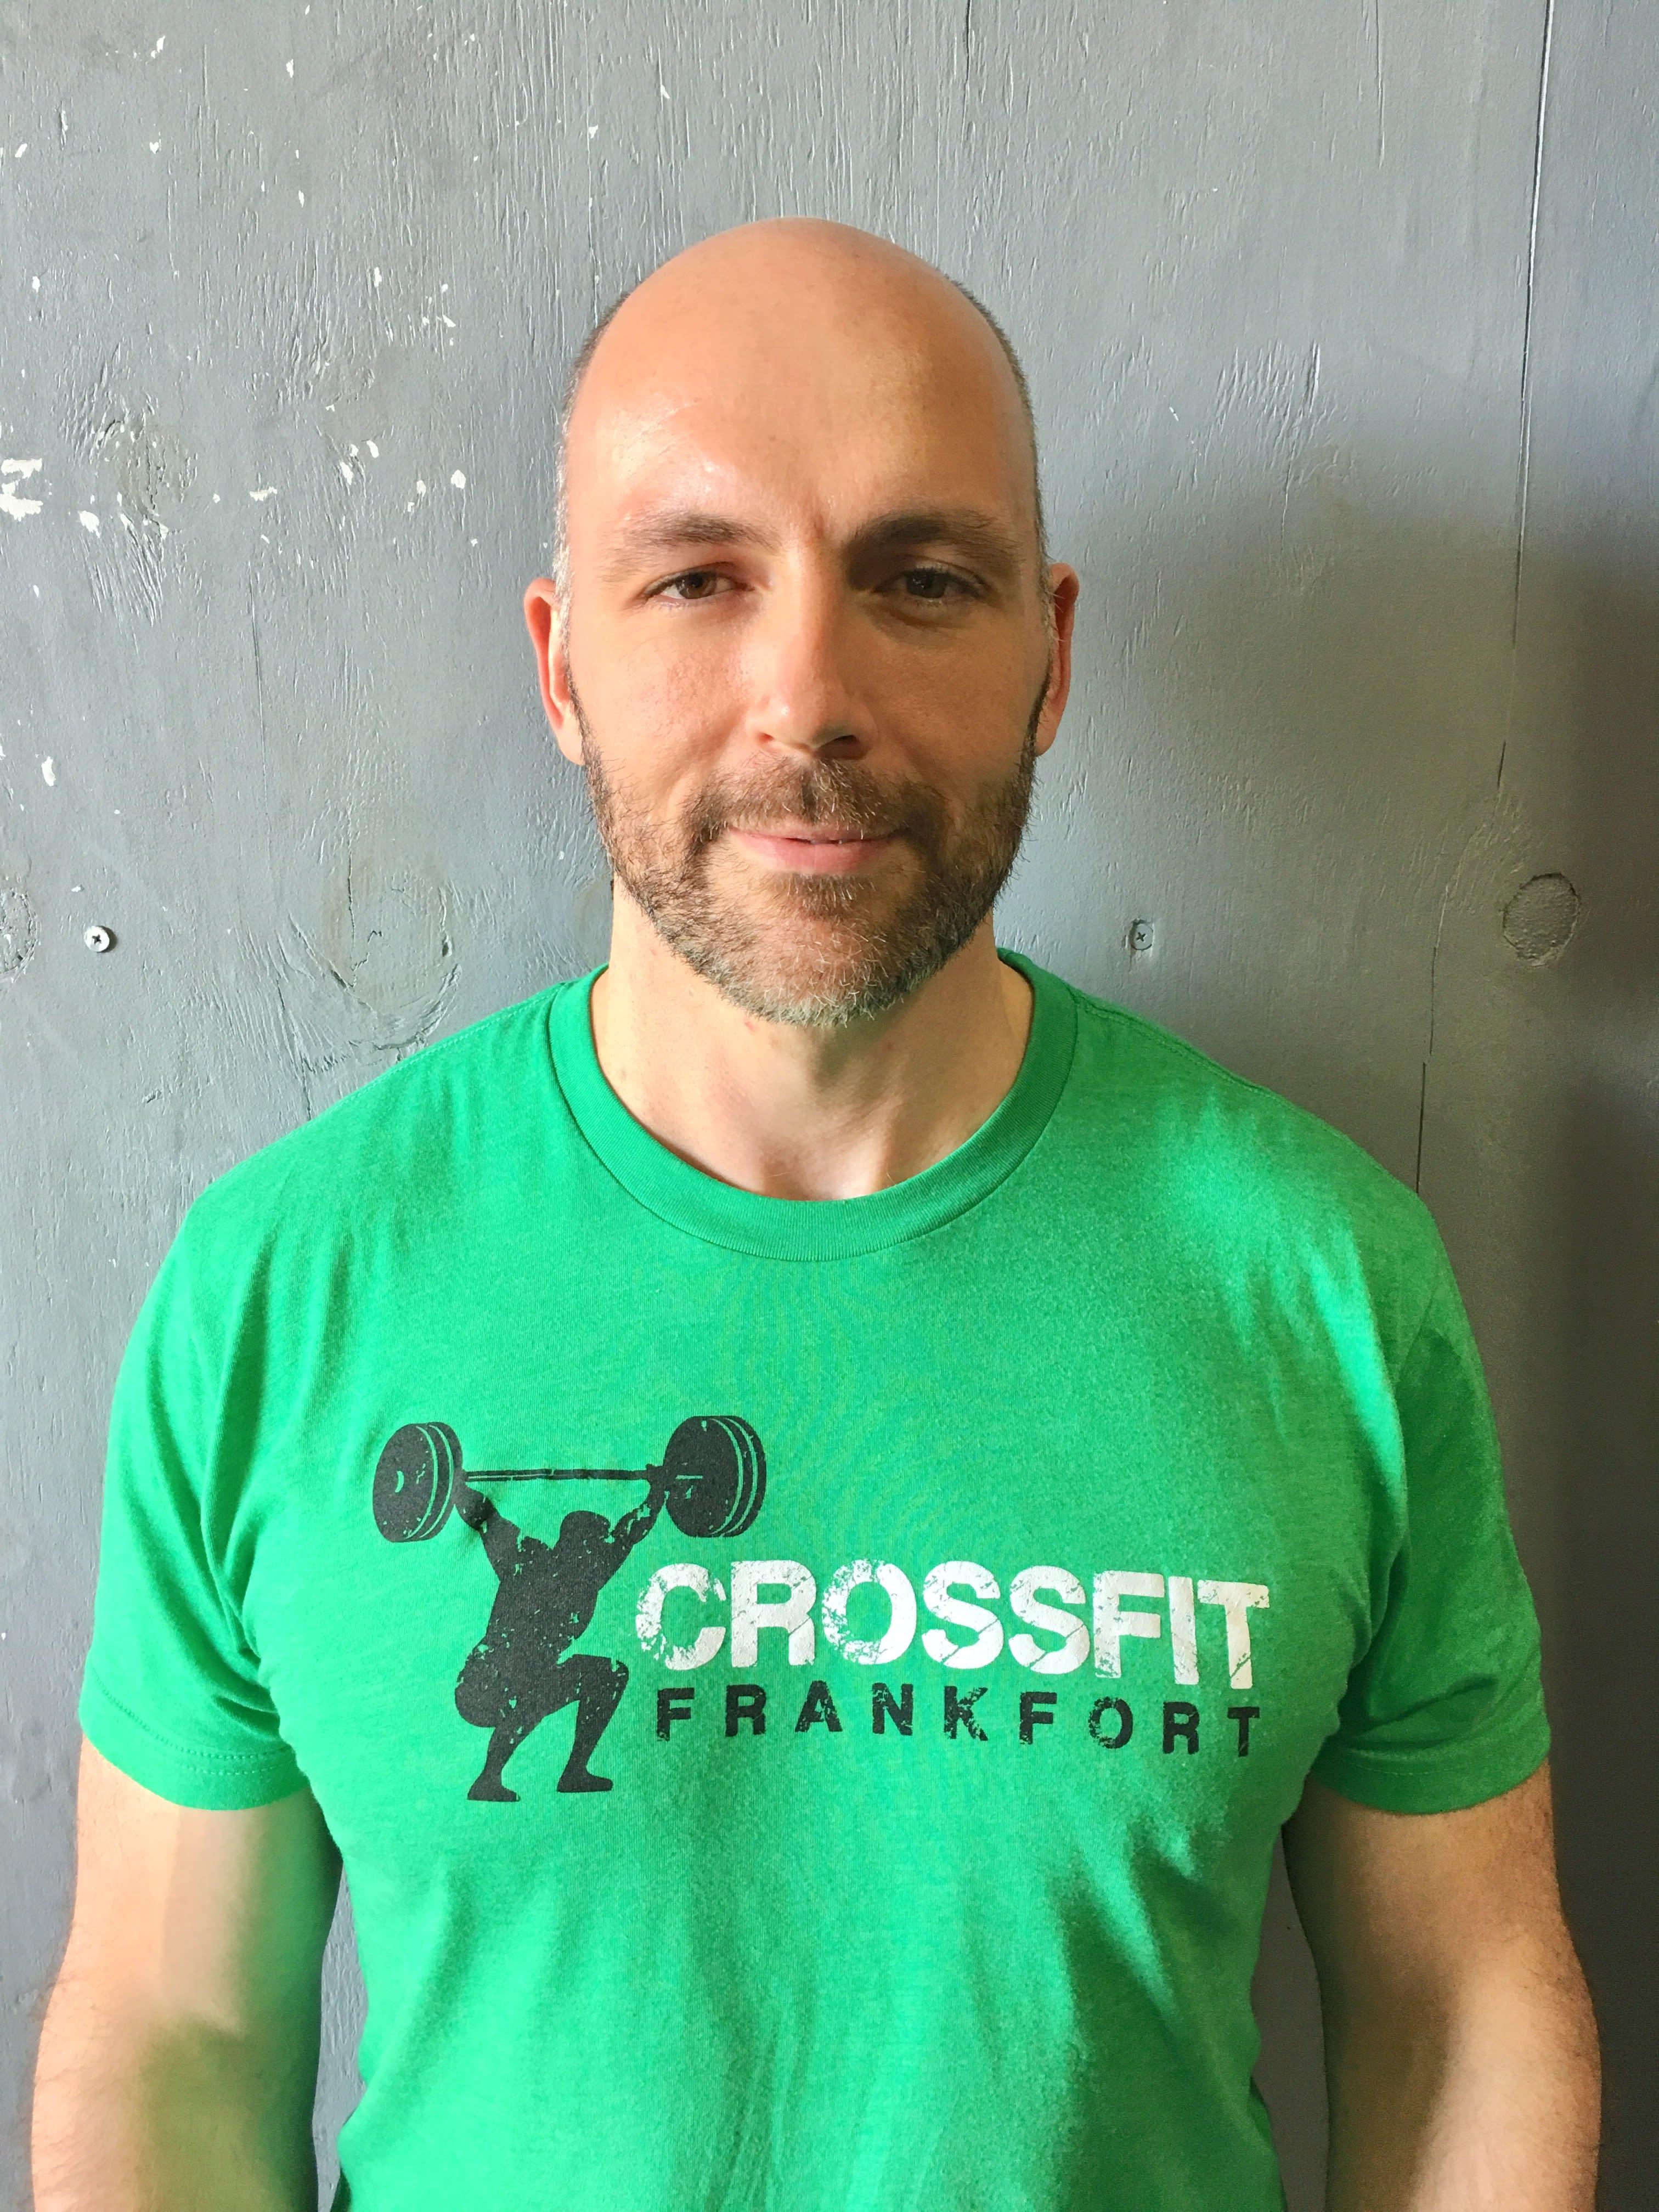 Coach Aaron in Frankfort - Crossfit Frankfort